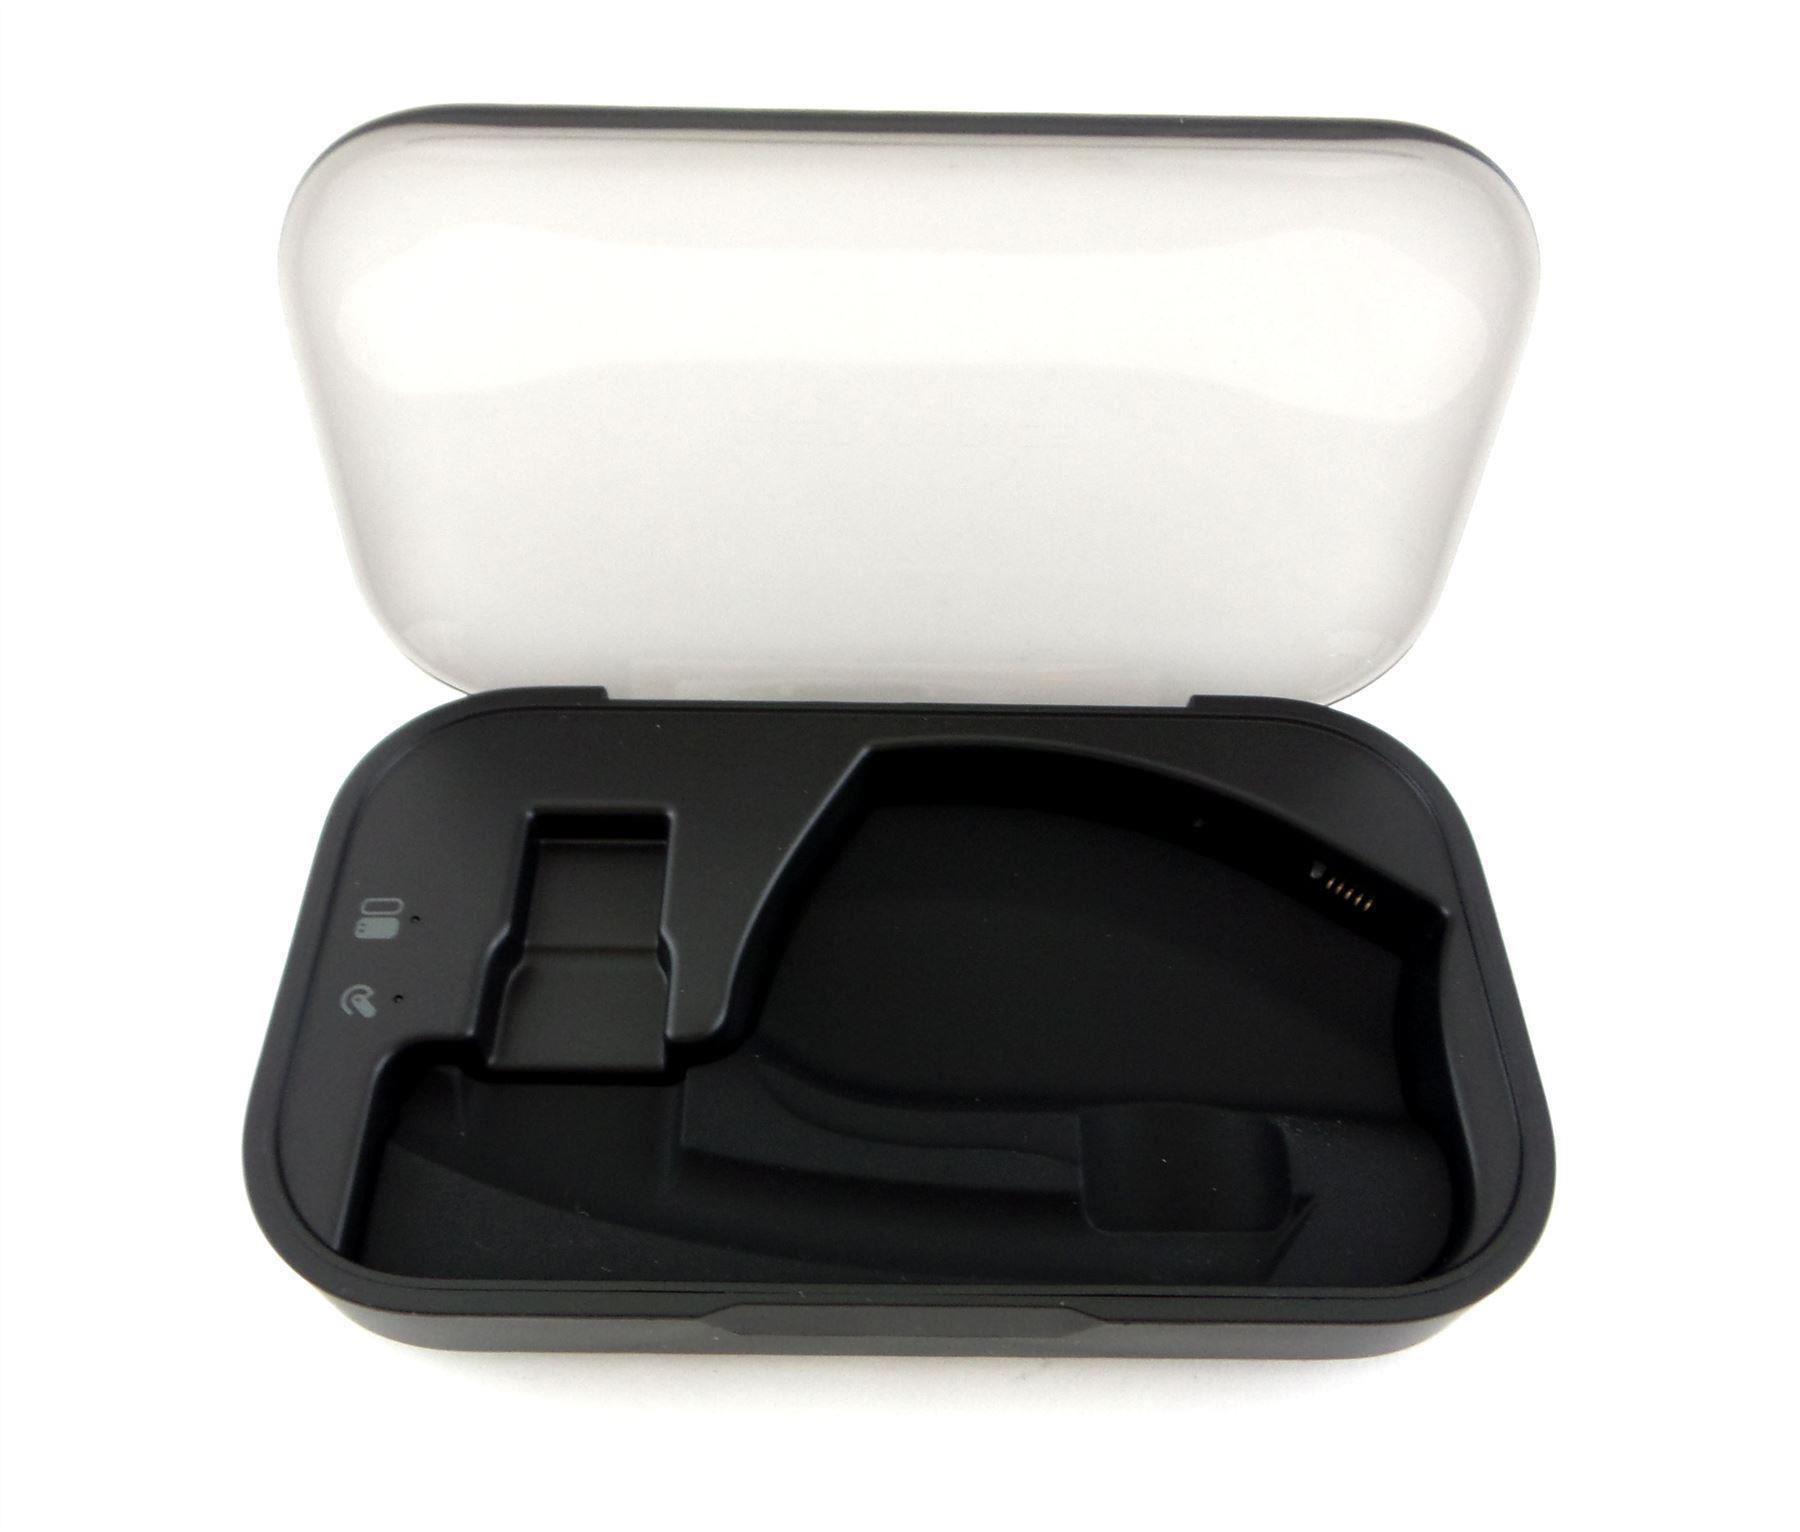 Plantronics Charging Case for Voyager Legend Headset Black PBTLEGENDCHG | eBay